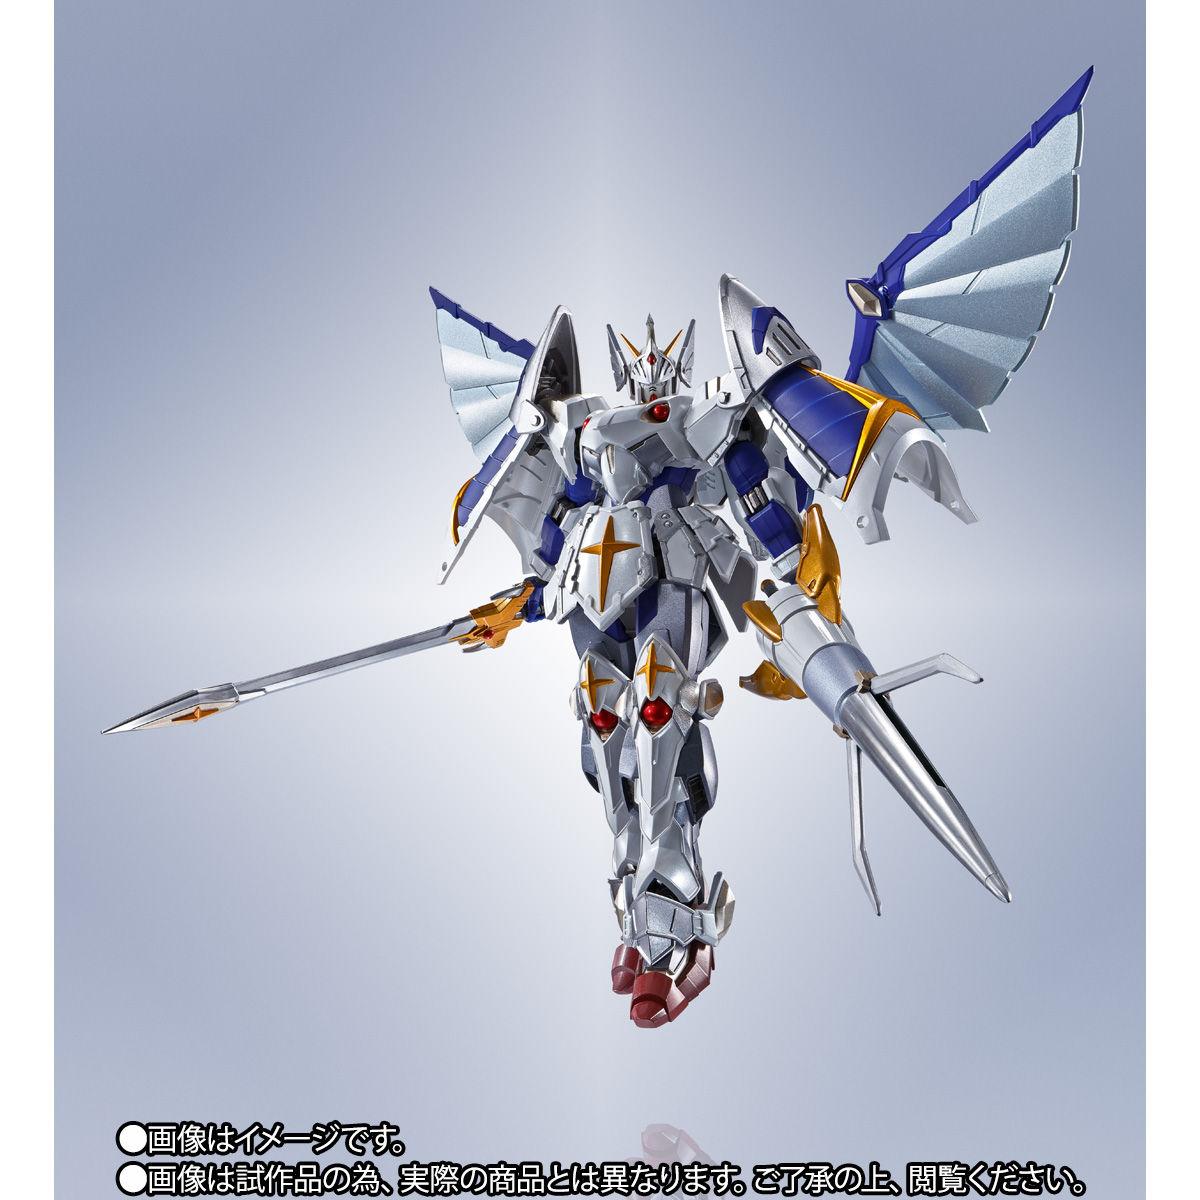 【限定販売】METAL ROBOT魂〈SIDE MS〉『バーサル騎士ガンダム(リアルタイプver.)』SDガンダム外伝 可動フィギュア-005